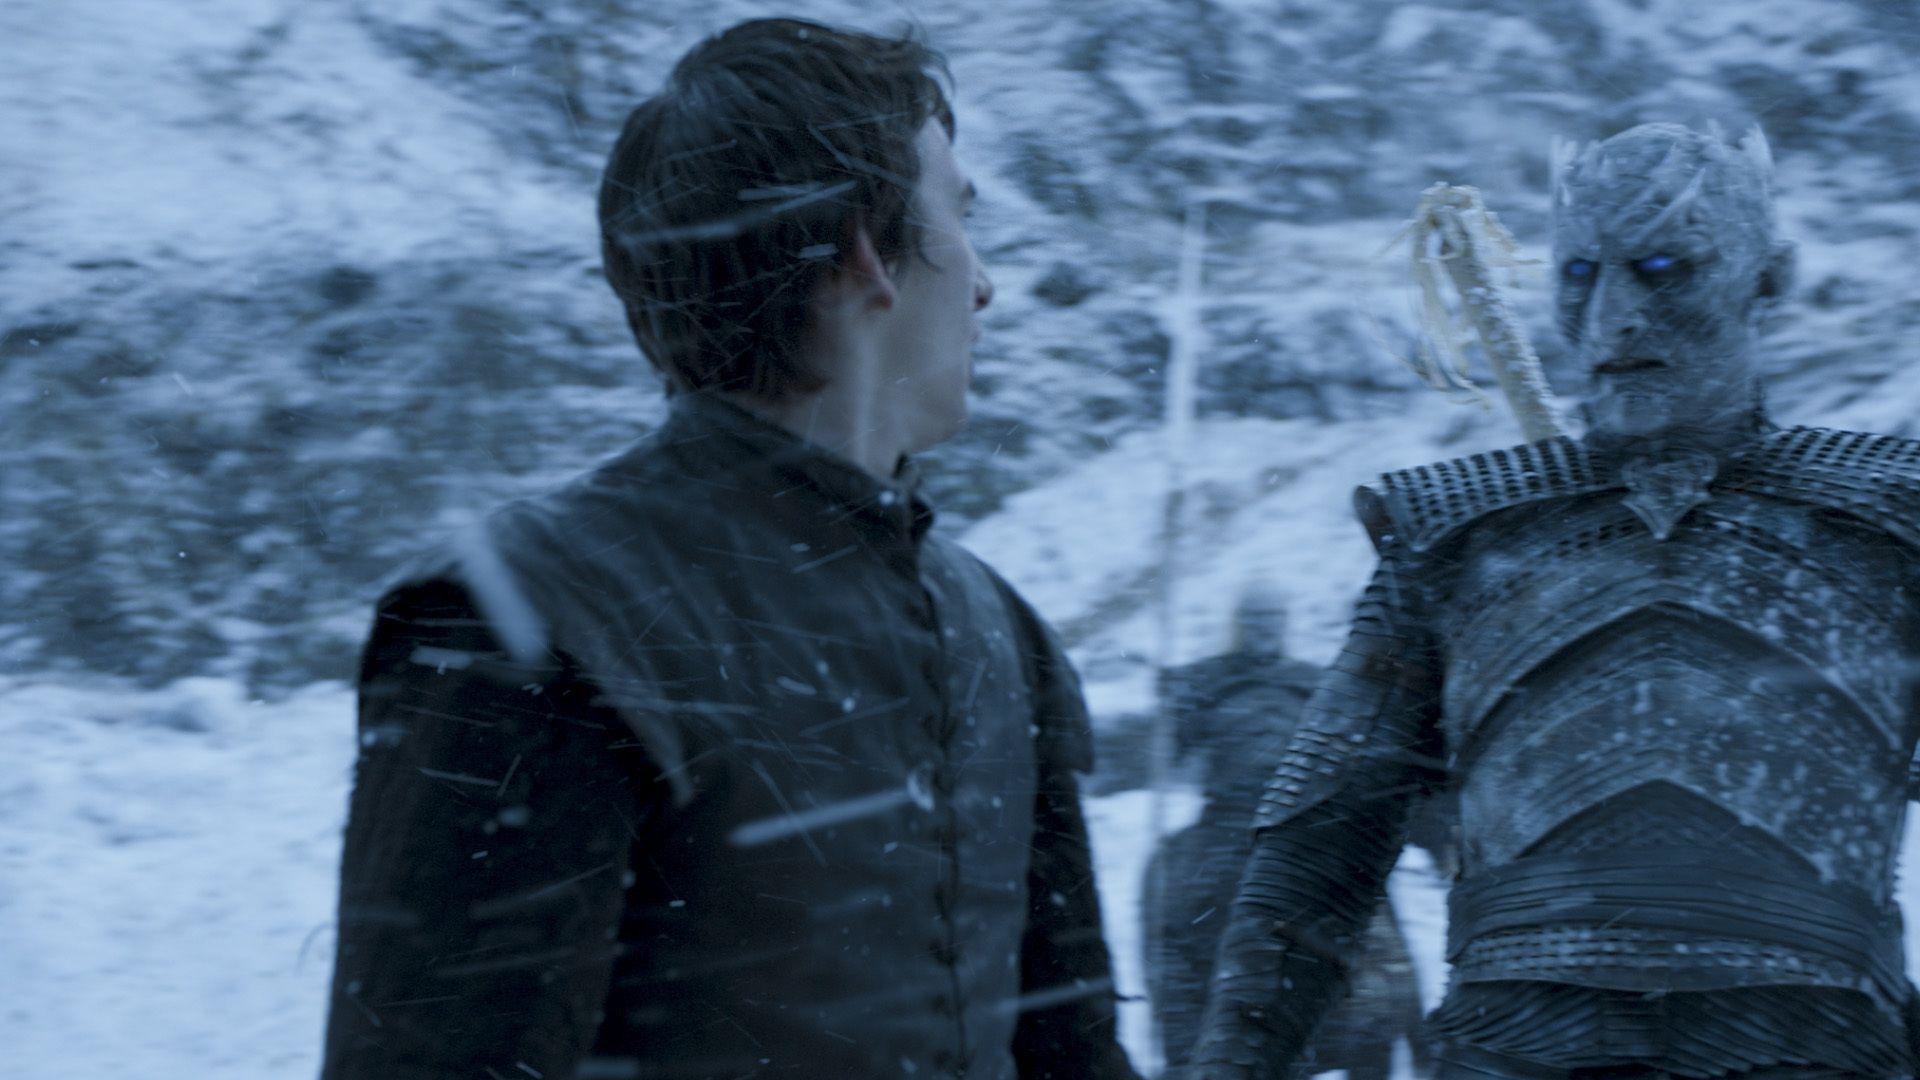 Game Of Thrones Season 6 Episode 5 The Door Spoilers